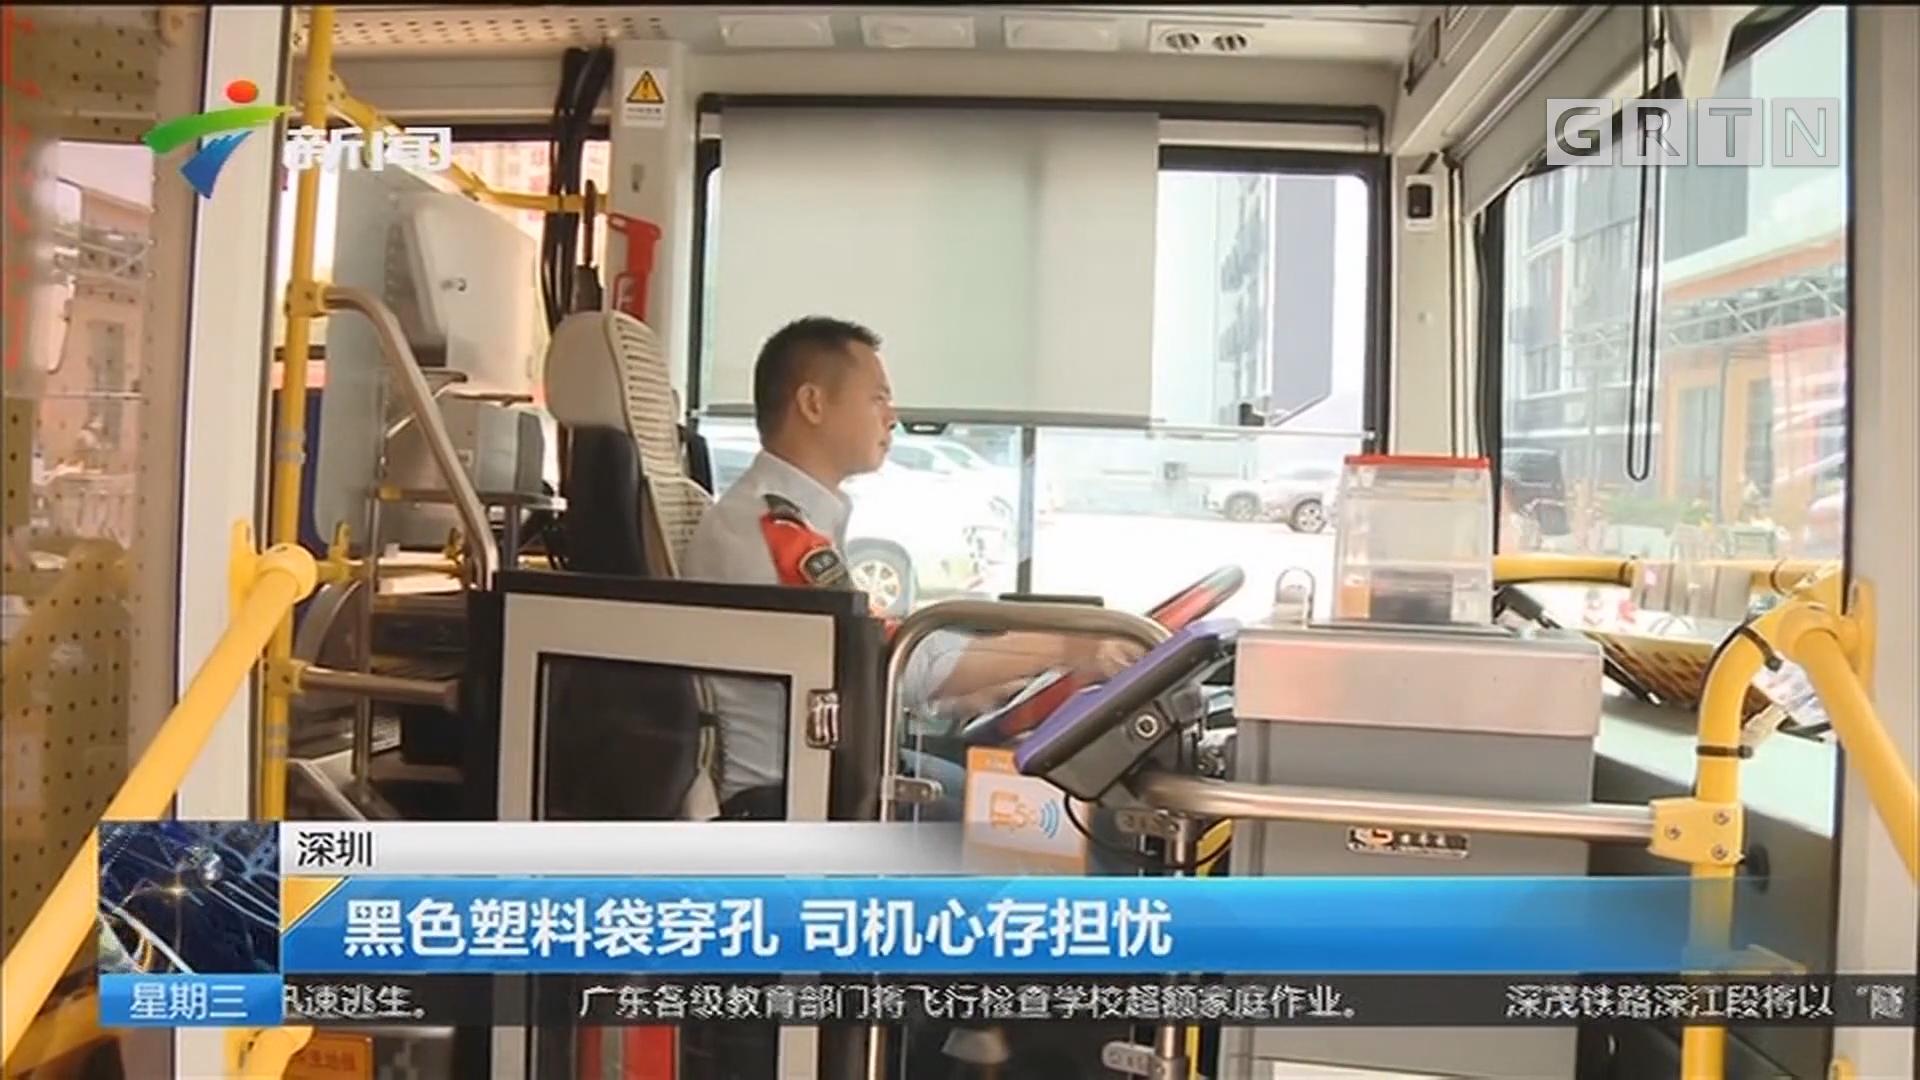 深圳:黑色塑料袋穿孔 司机心存担忧